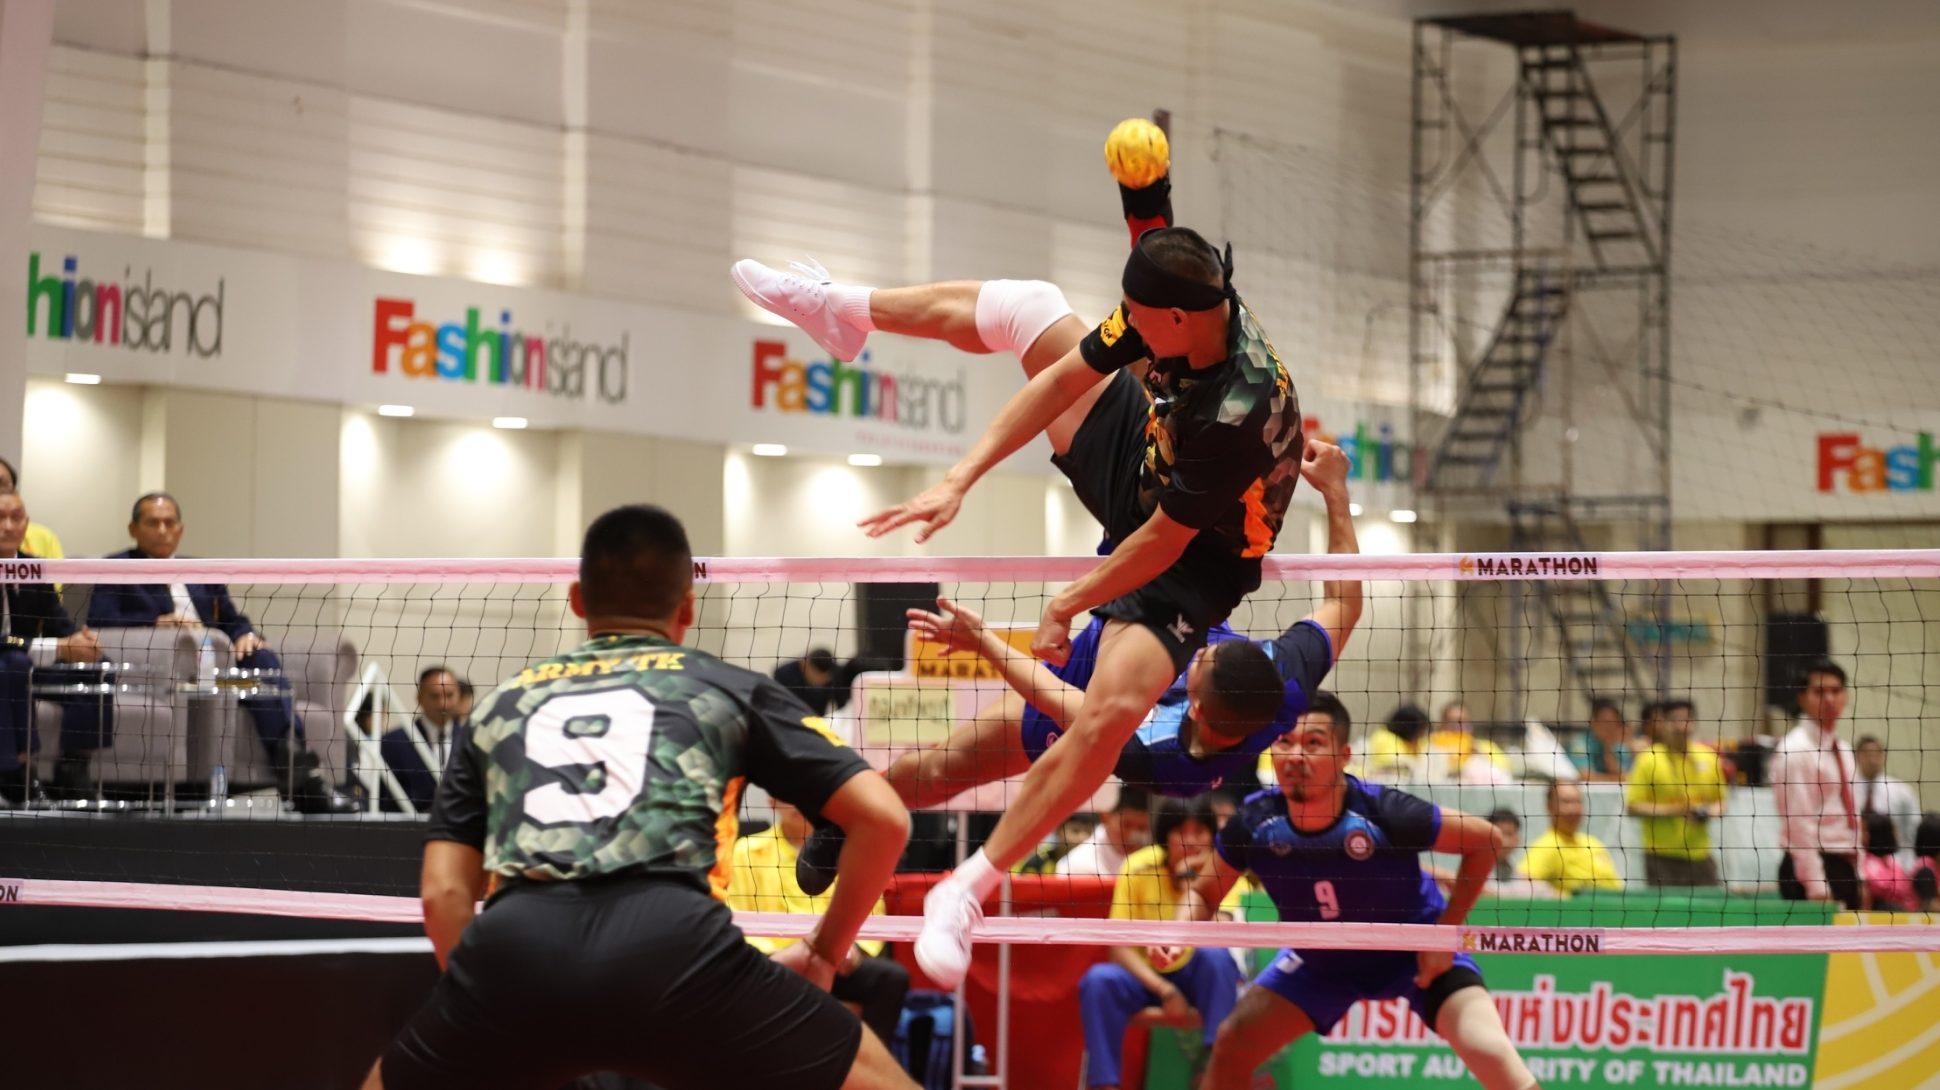 ตะกร้อ ตะกร้อชิงชนะเลิศแห่งประเทศไทย พรชัย เค้าแก้ว